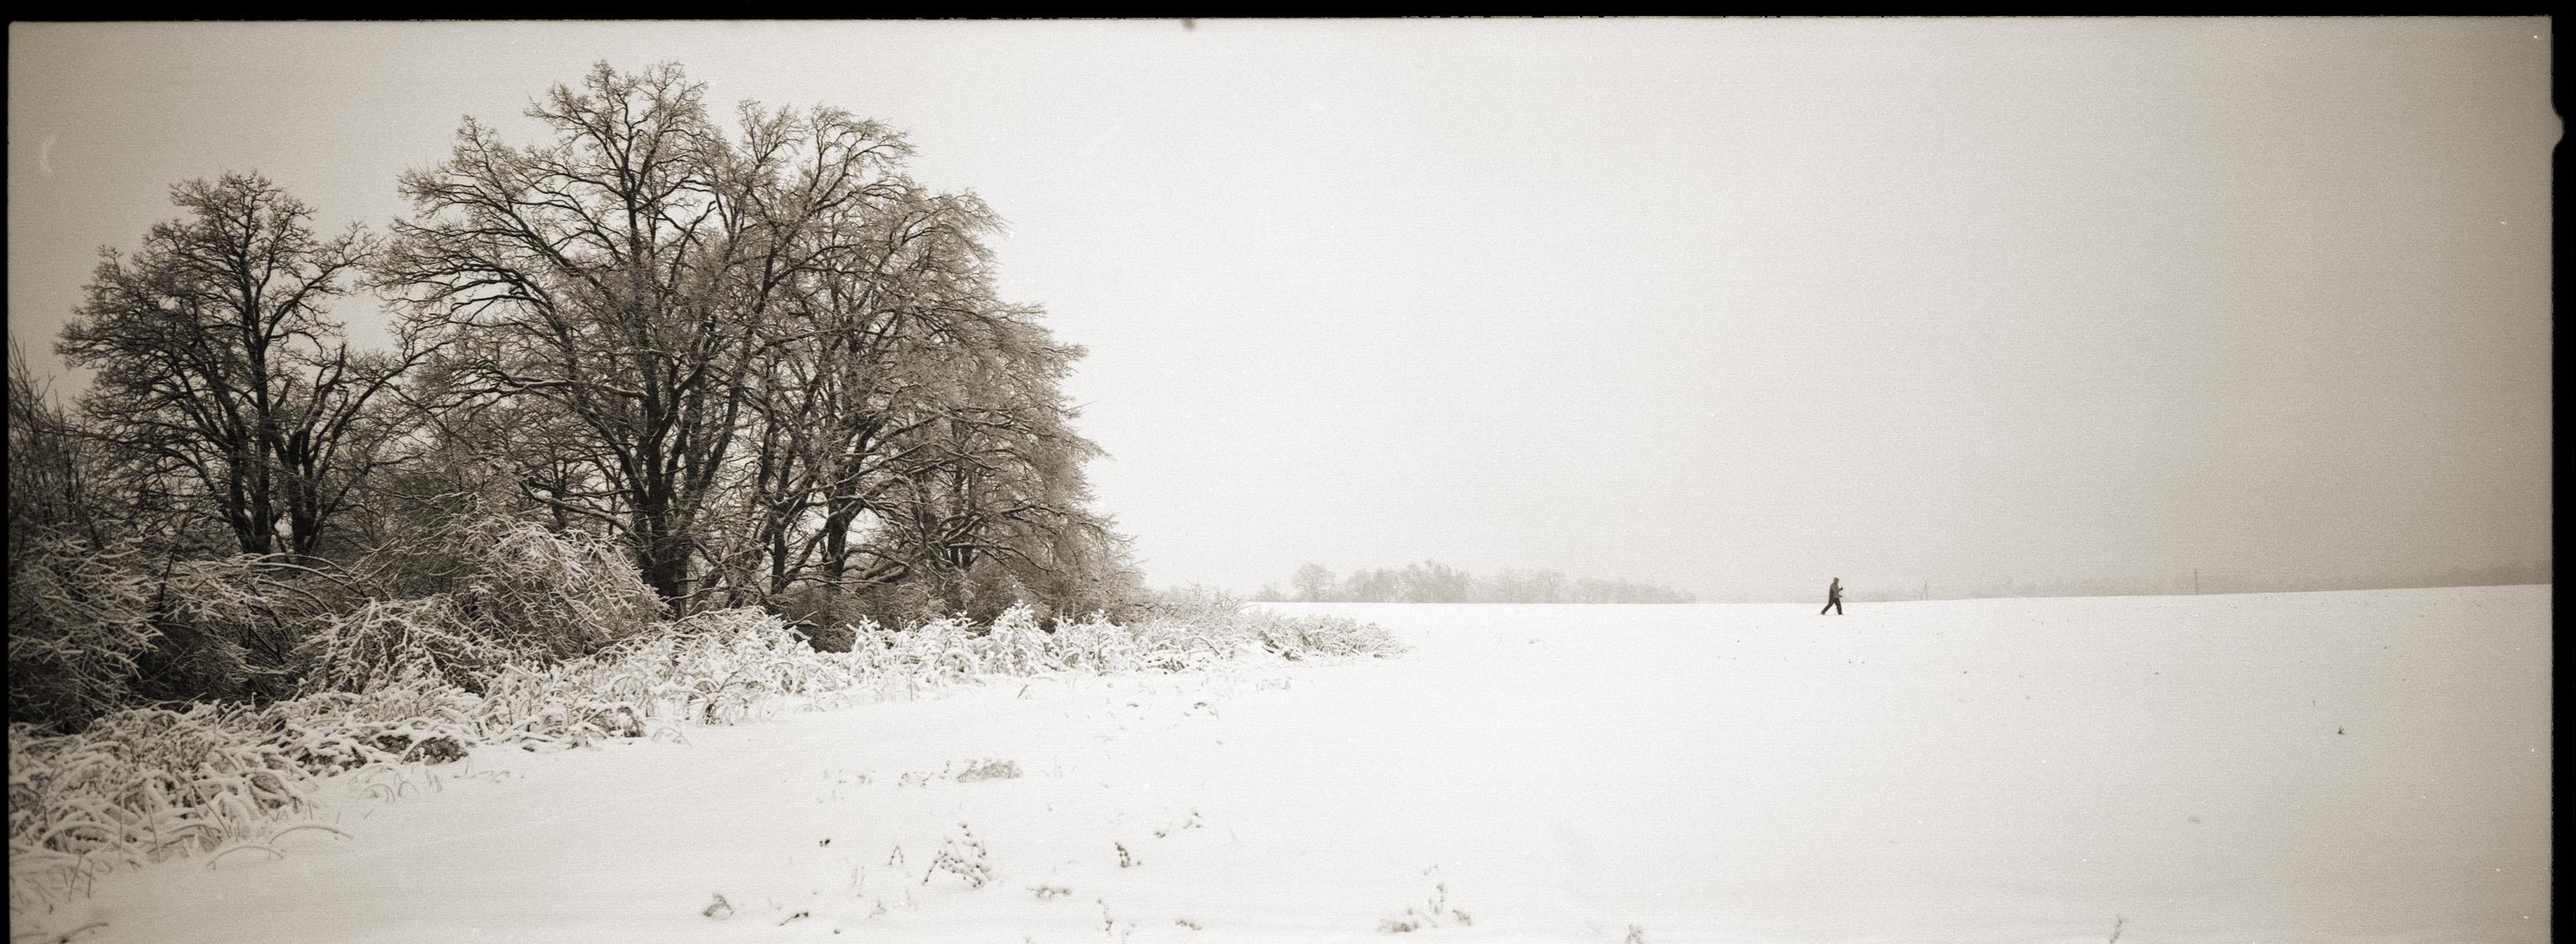 Инструкция к фотоаппарату самсунг fino 40s panorama